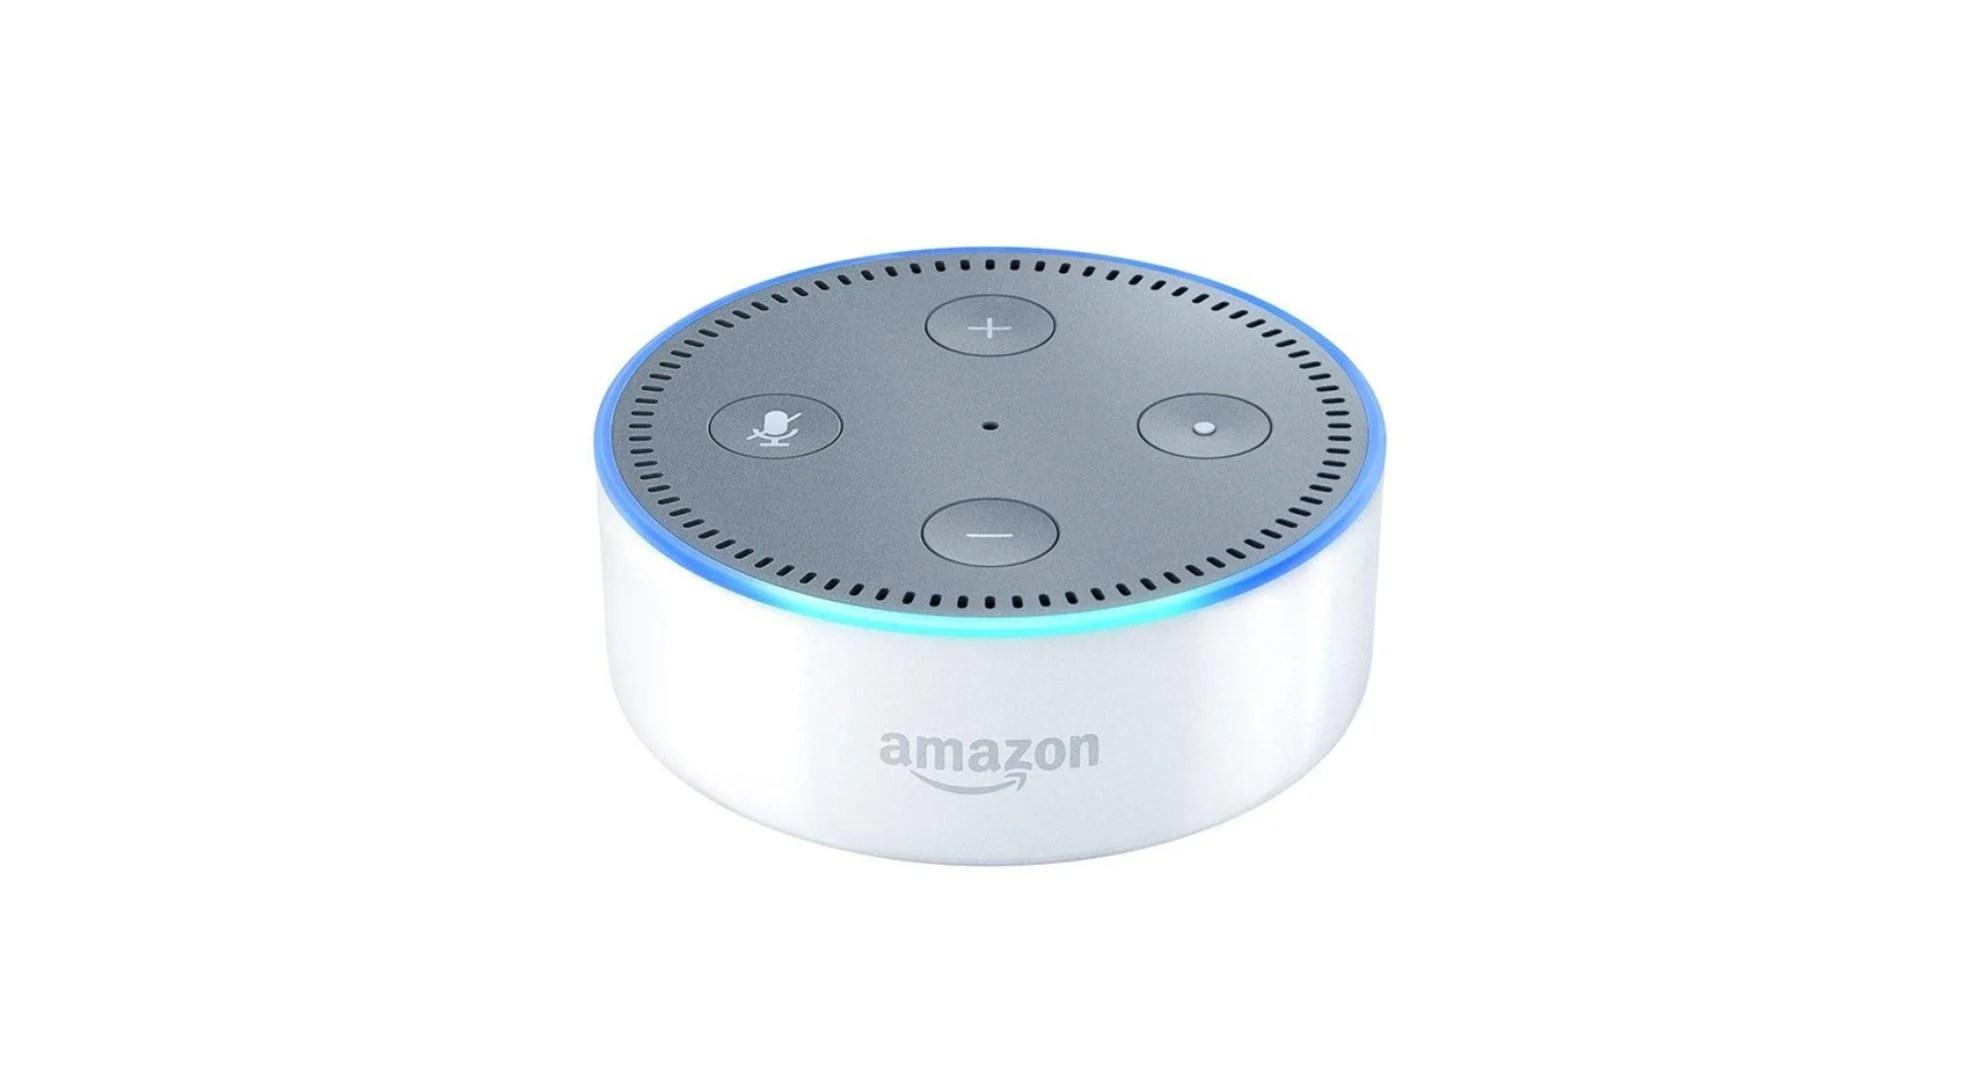 🔥 Bon plan : l'Amazon Echo Dot (2ème génération) est disponible à 20 euros